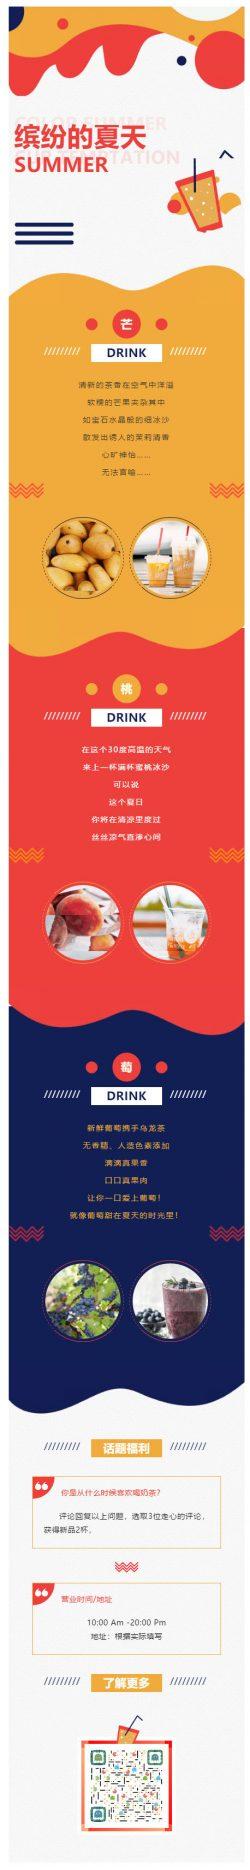 夏天饮品美食多彩风格多色热情微信图文模板